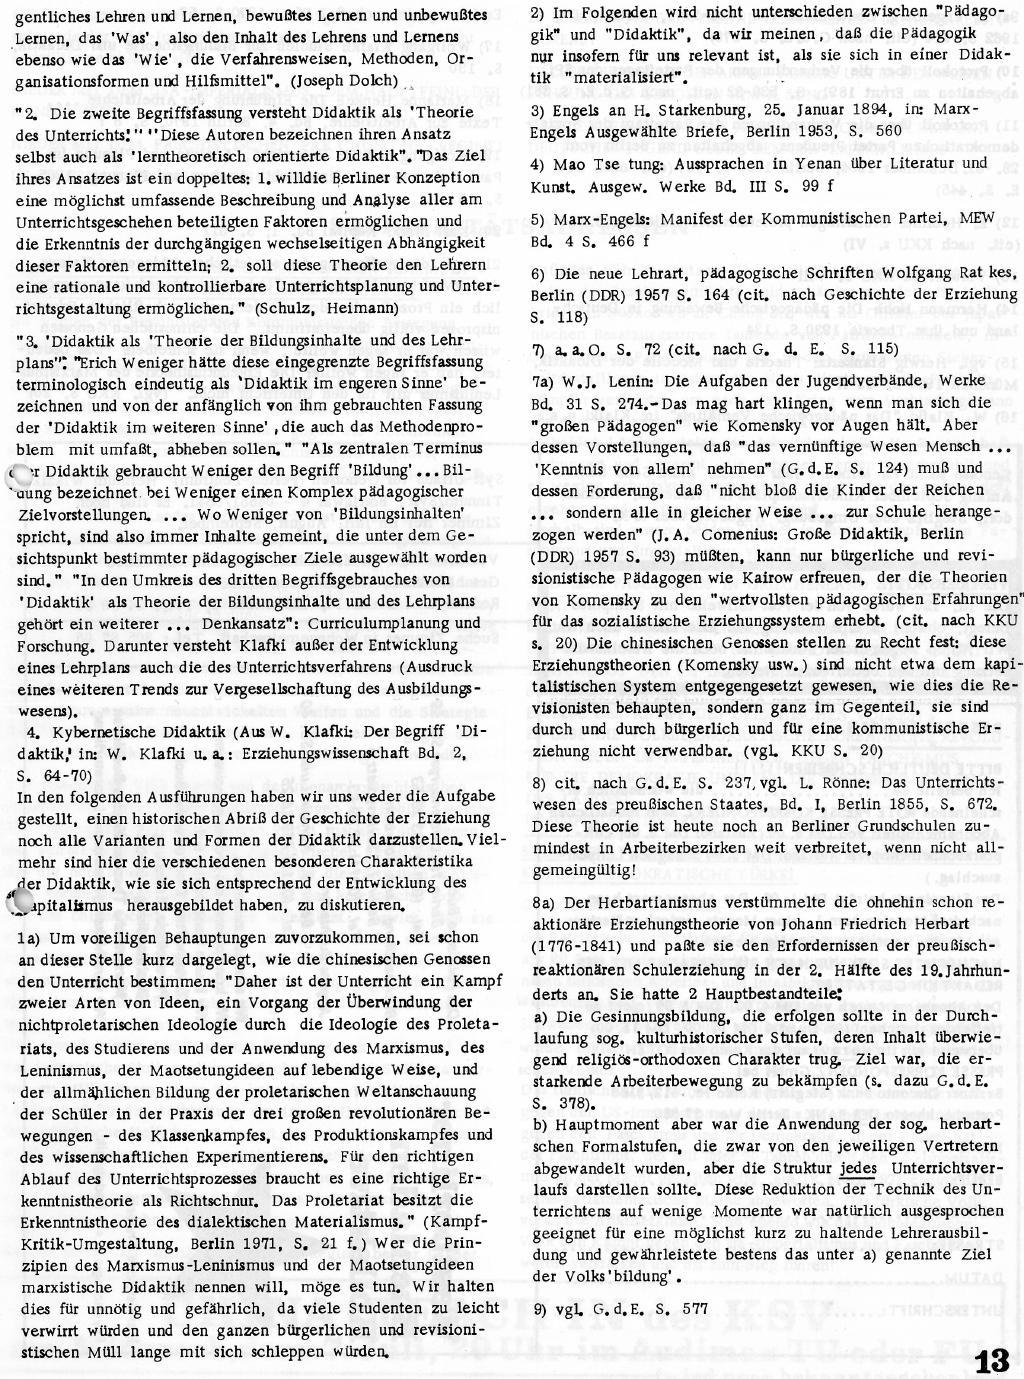 RPK_1971_122_13